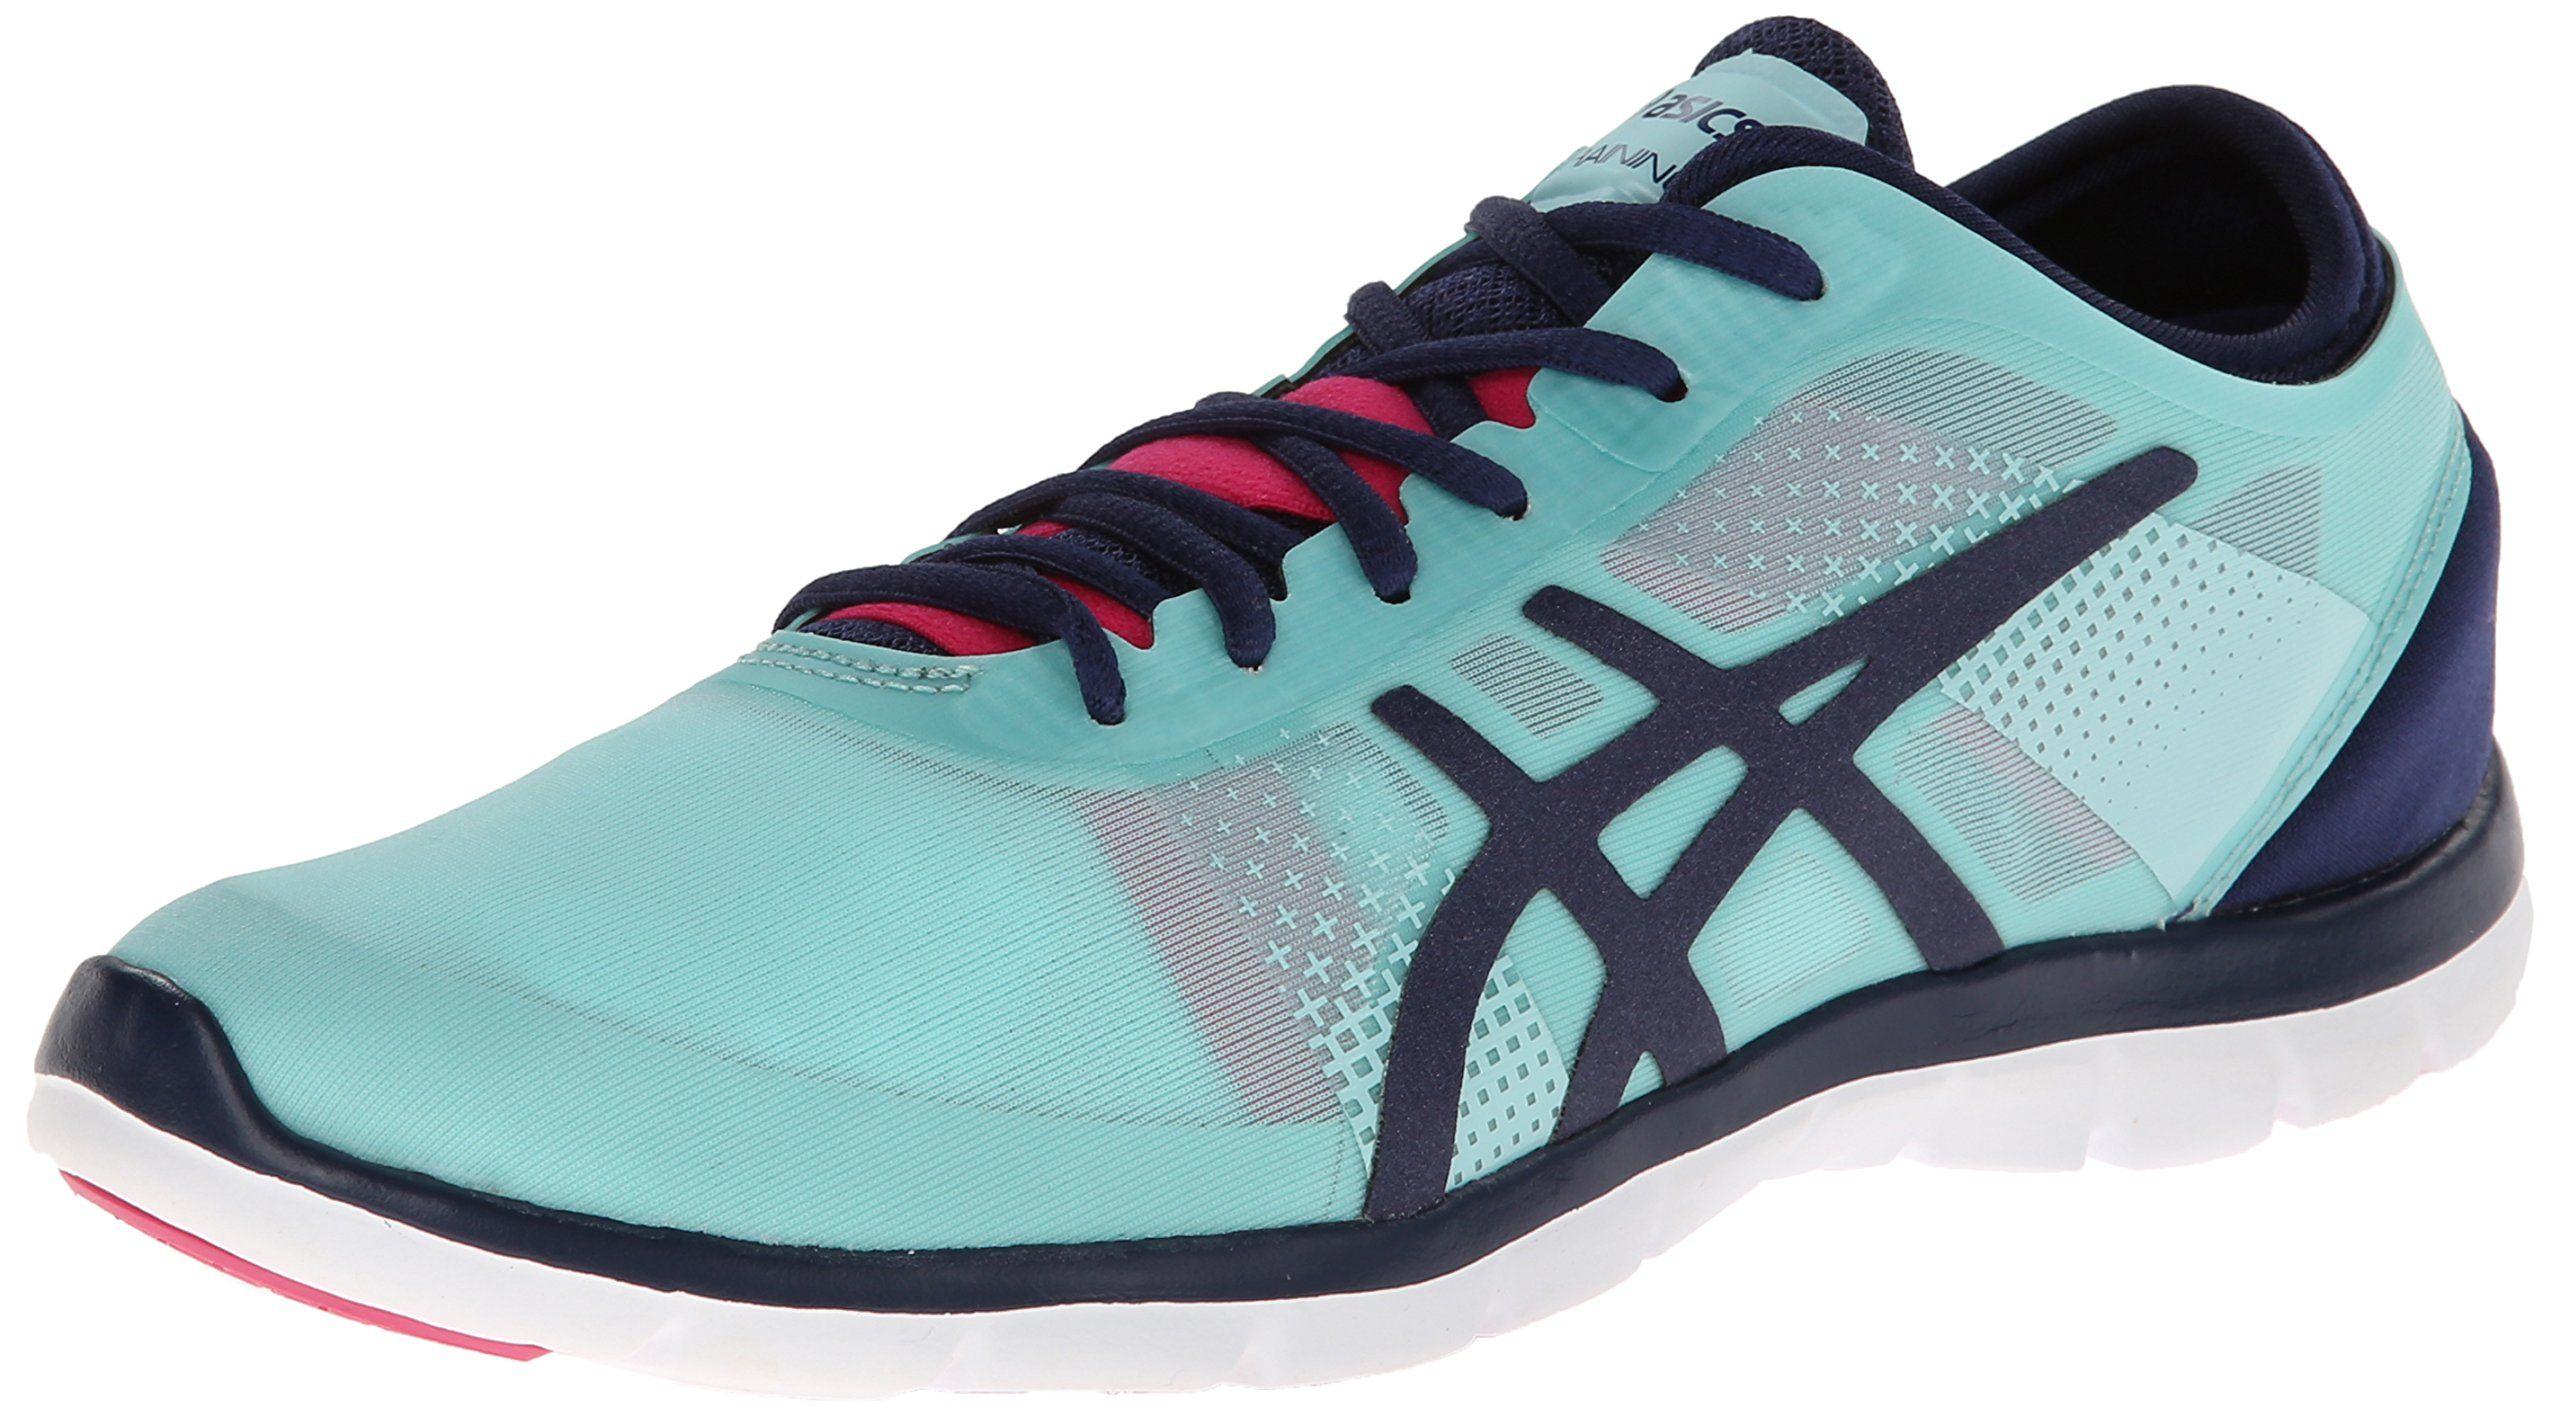 Gel Fit Nova Cross-Training Shoe,Ice